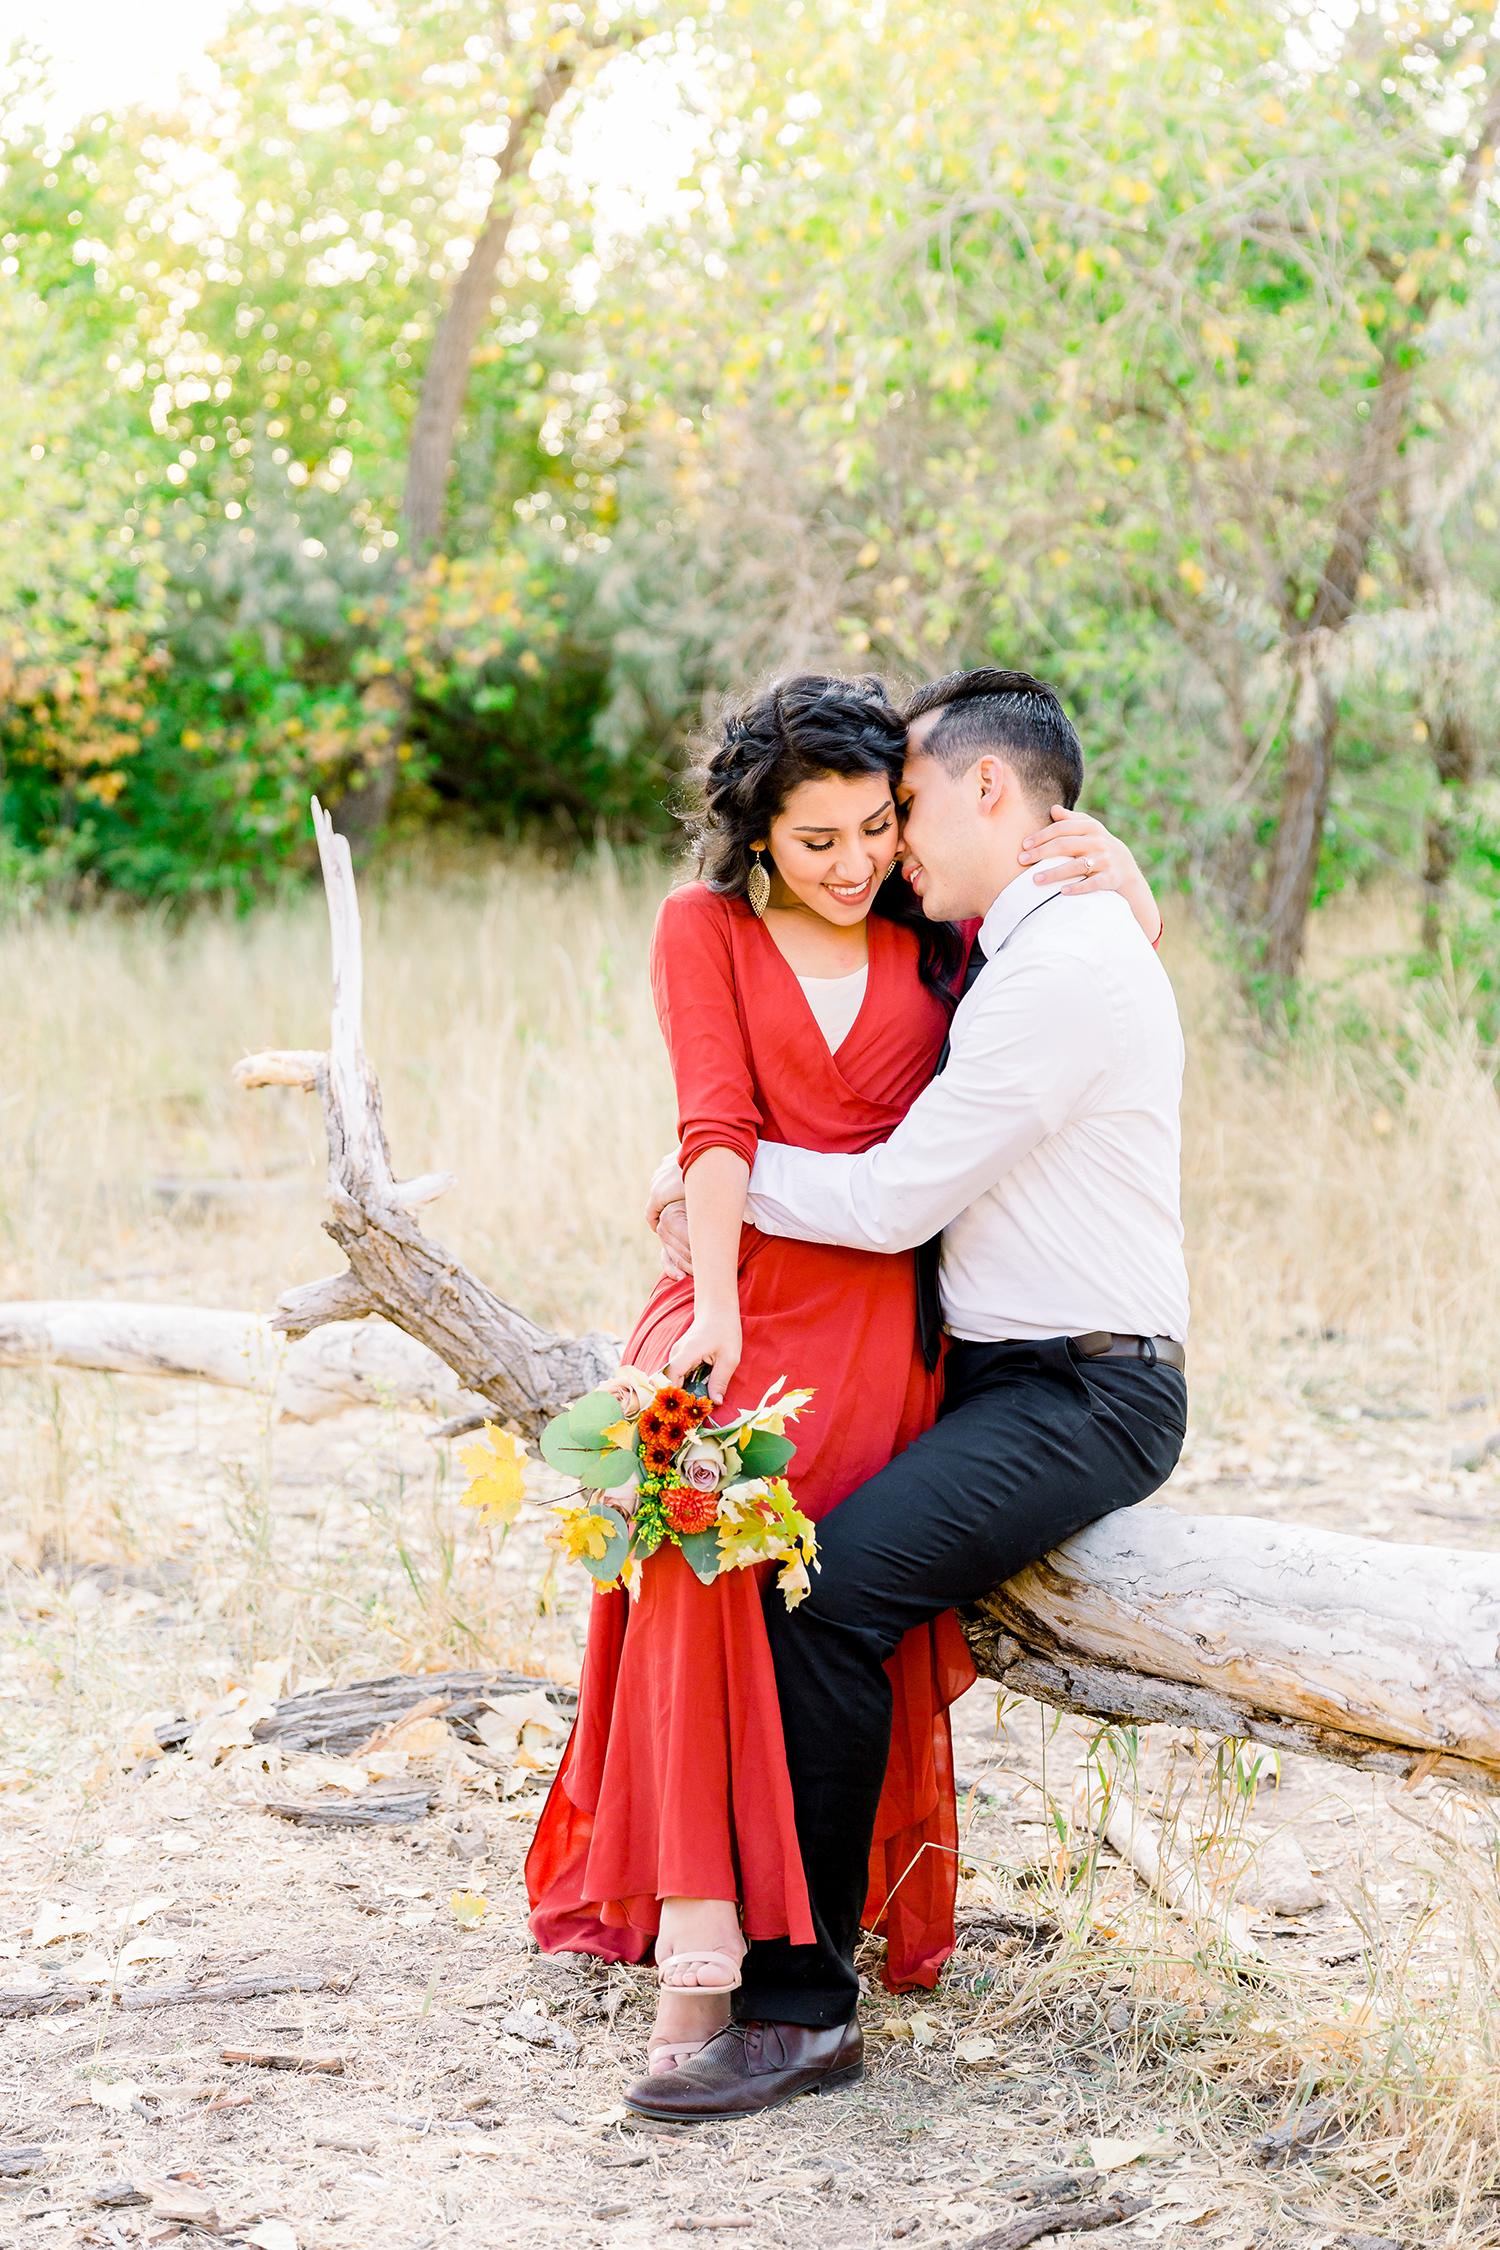 Heather Smith Photography | Utah Engagement Photographer | Utah Couple